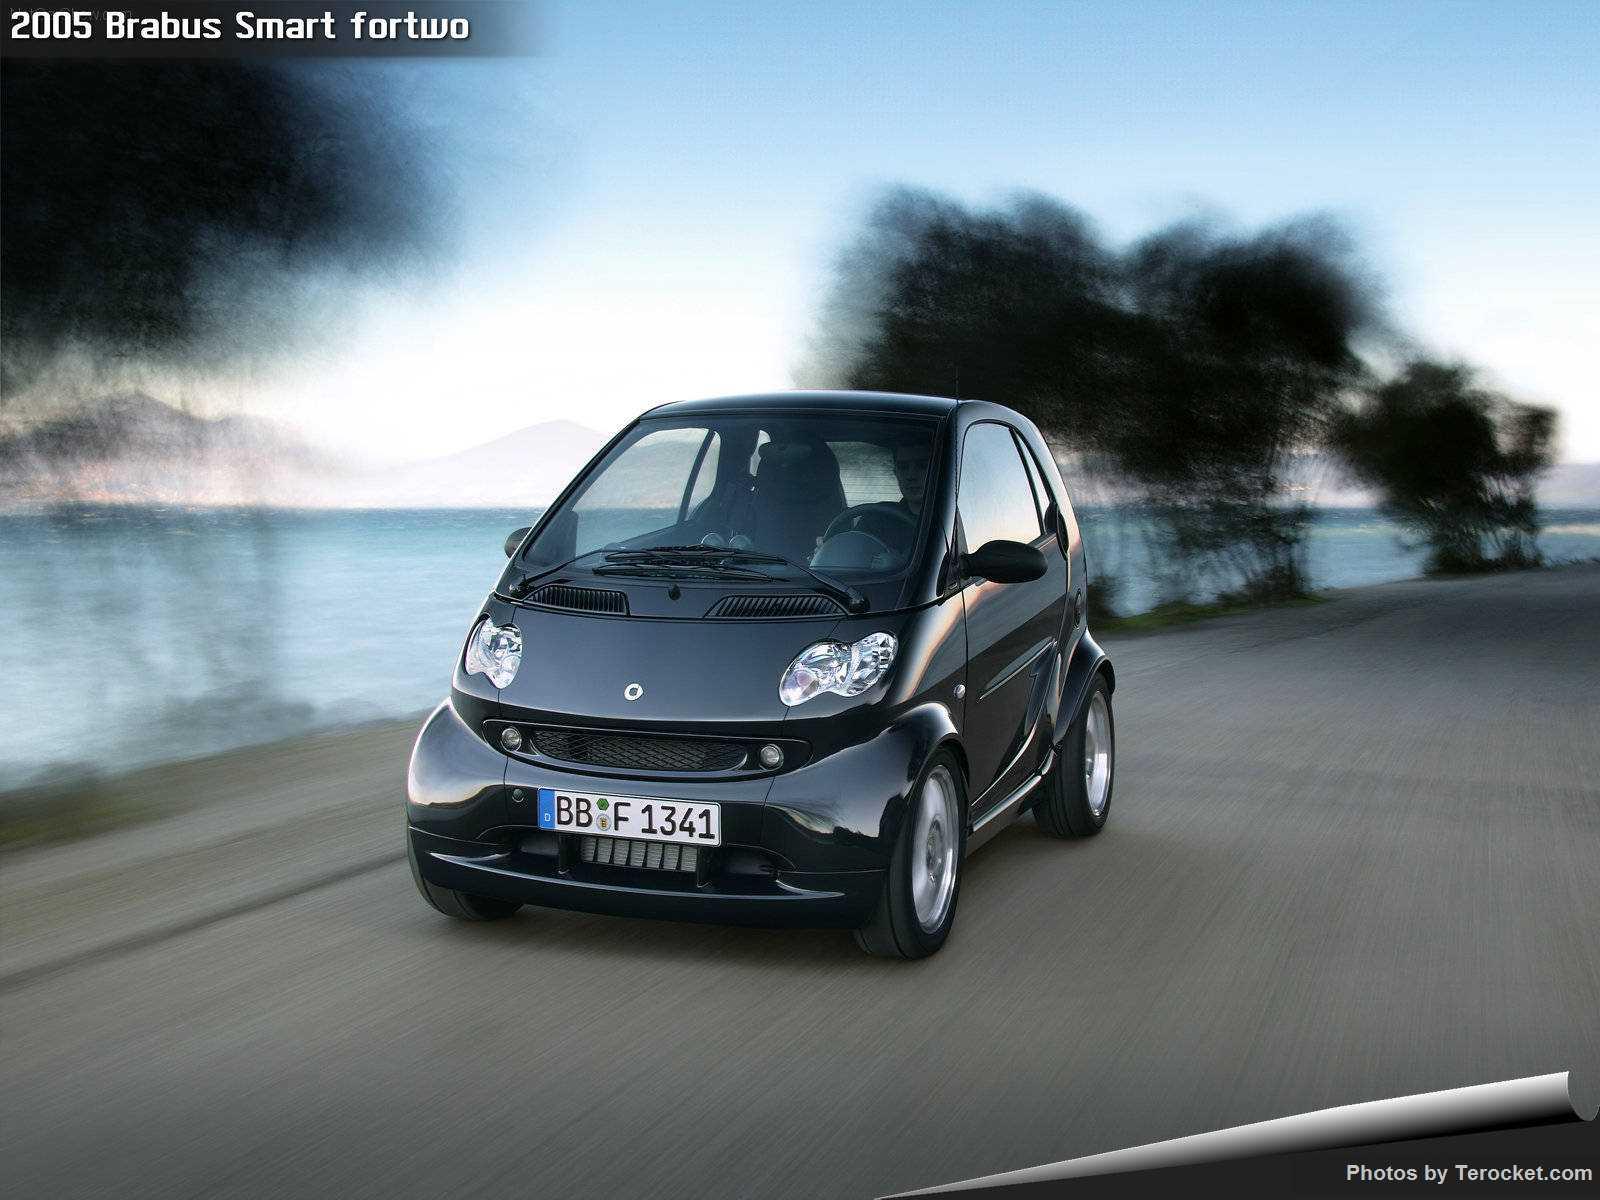 Hình ảnh xe ô tô Brabus Smart fortwo 2005 & nội ngoại thất